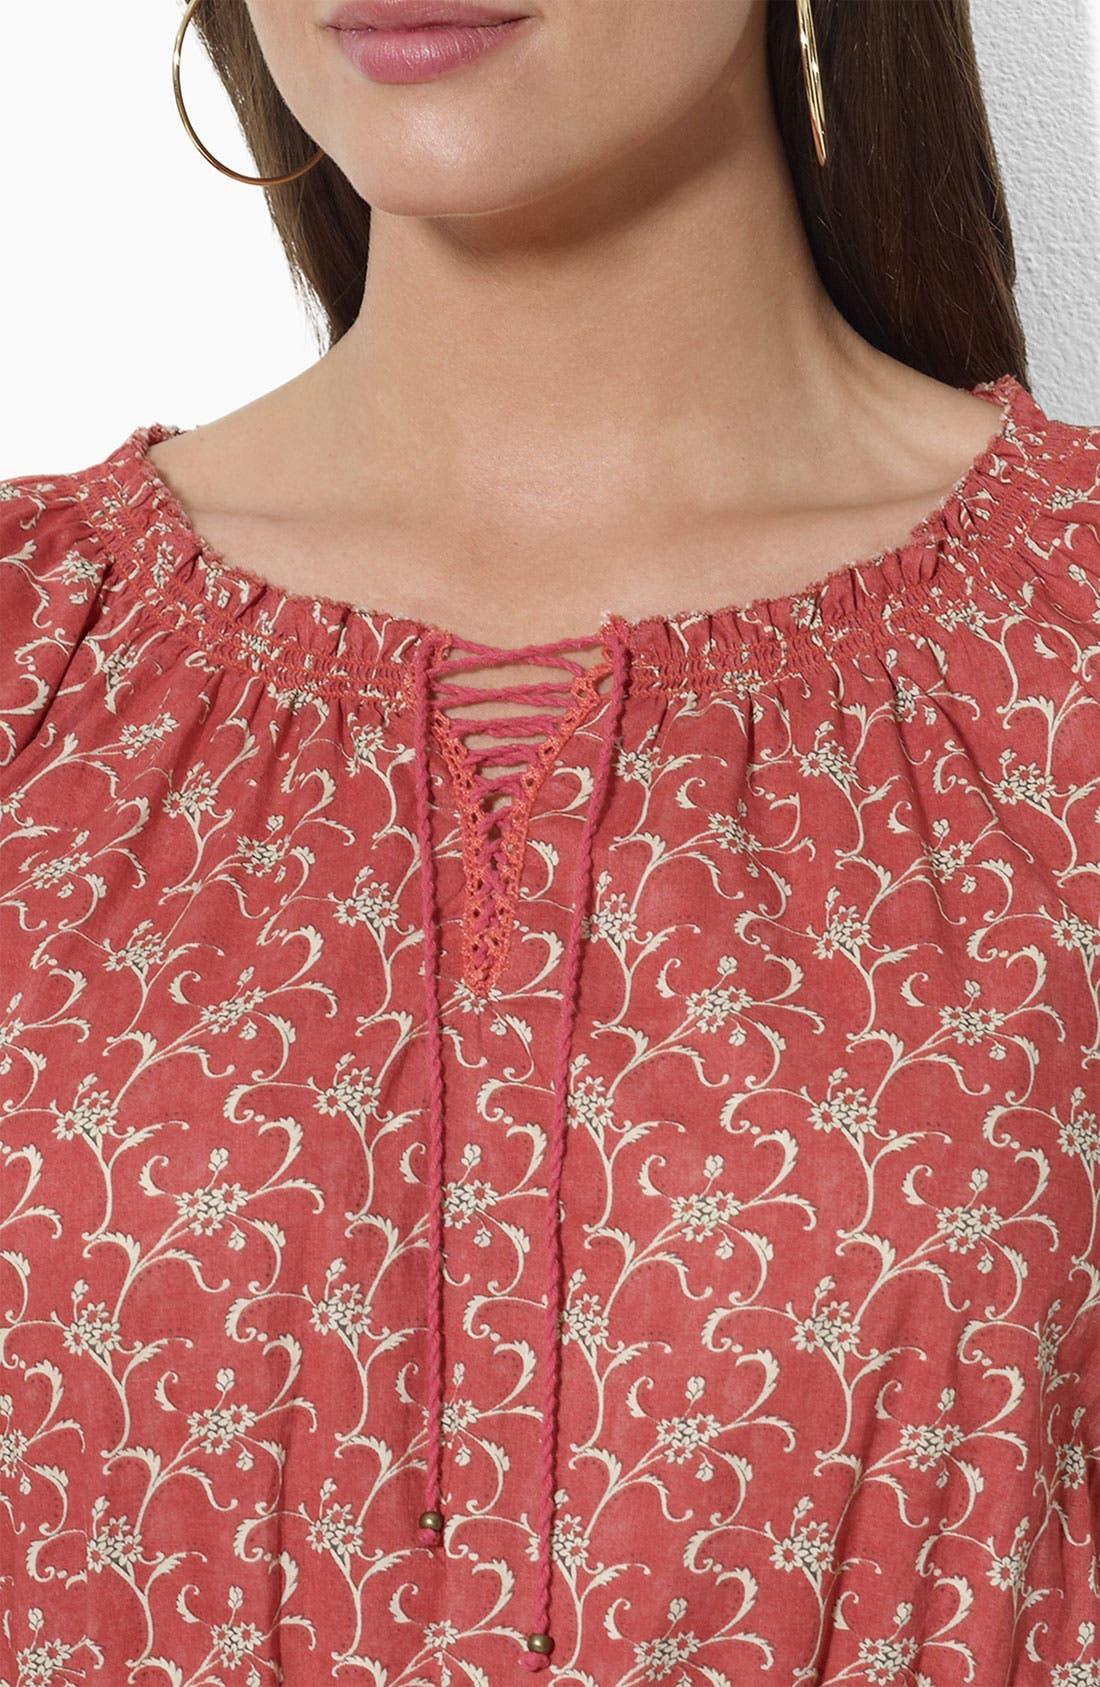 Alternate Image 3  - Lauren Ralph Lauren Print Lace Up Peasant Top (Plus Size)